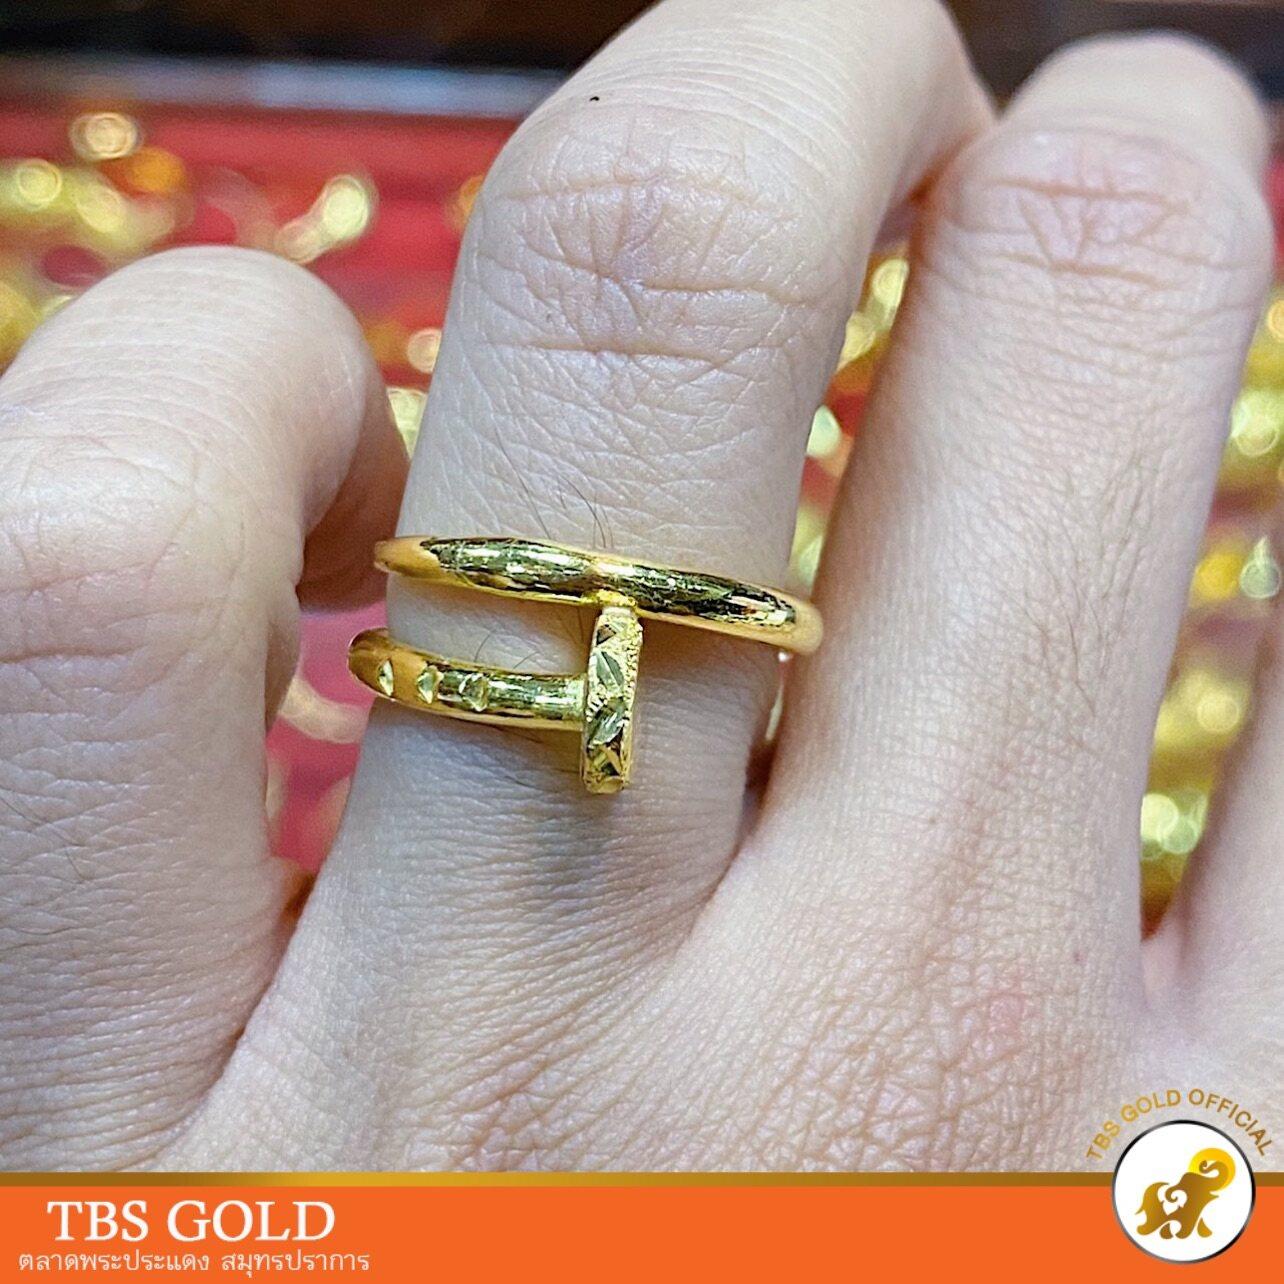 รีวิว TBS แหวนทอง 1 สลึง ตะปู คาเทียร์ หนัก 3.8 กรัม ทองคำแท้96.5% มีใบรับประกัน